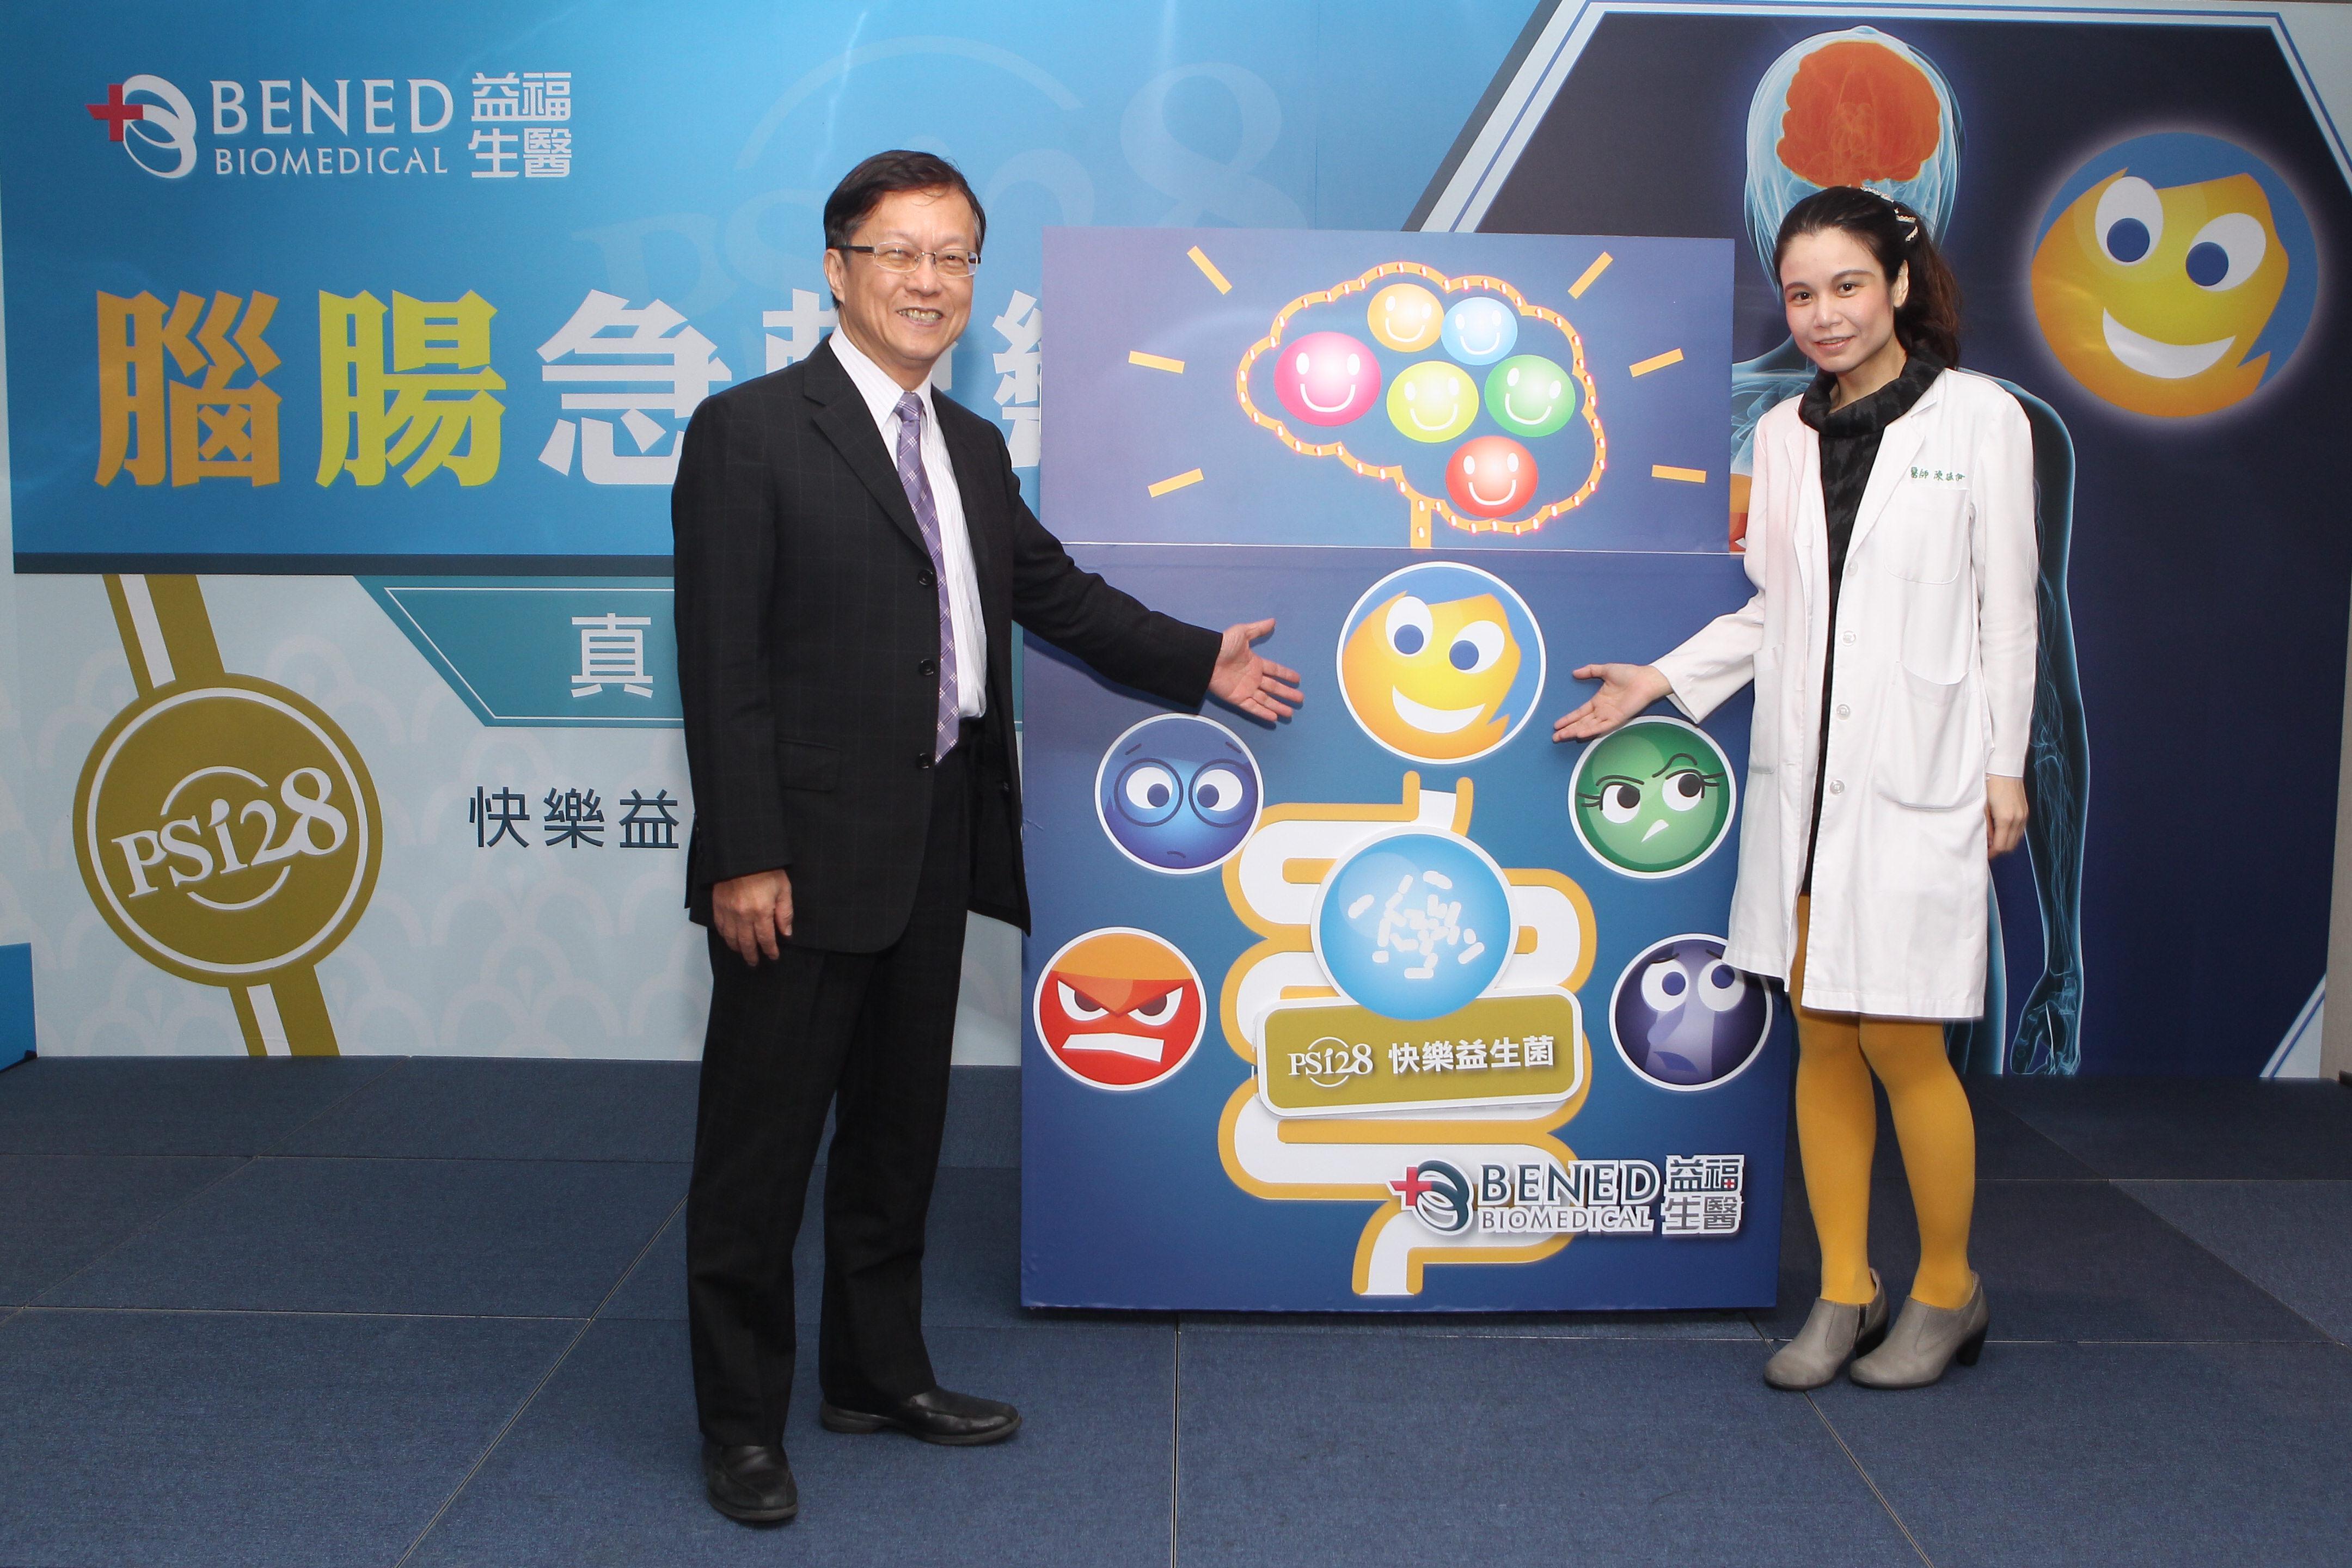 (左)益福生醫創辦人暨首席研發顧問亞洲益生菌專家蔡英傑教授